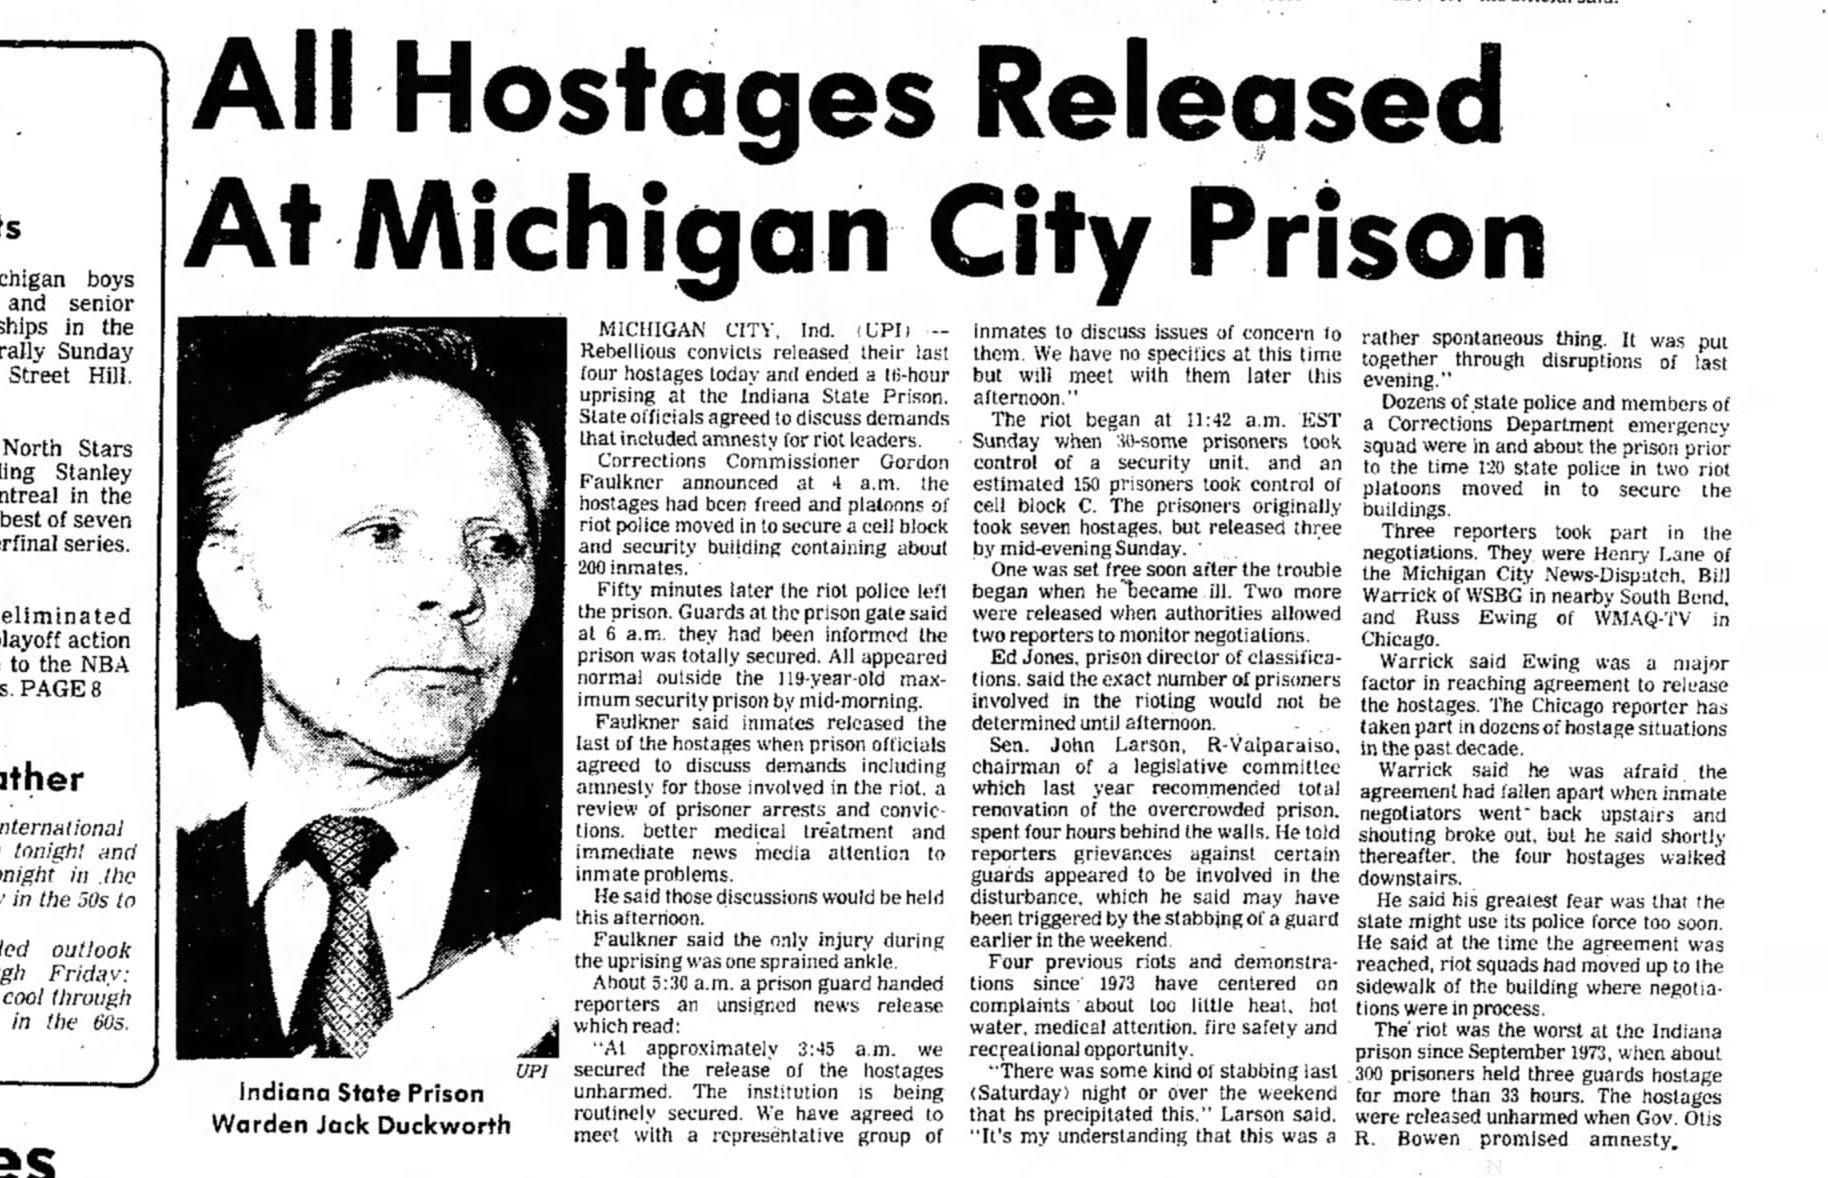 Logansport_Pharos_Tribune_Mon__Apr_28__1980_1.jpg